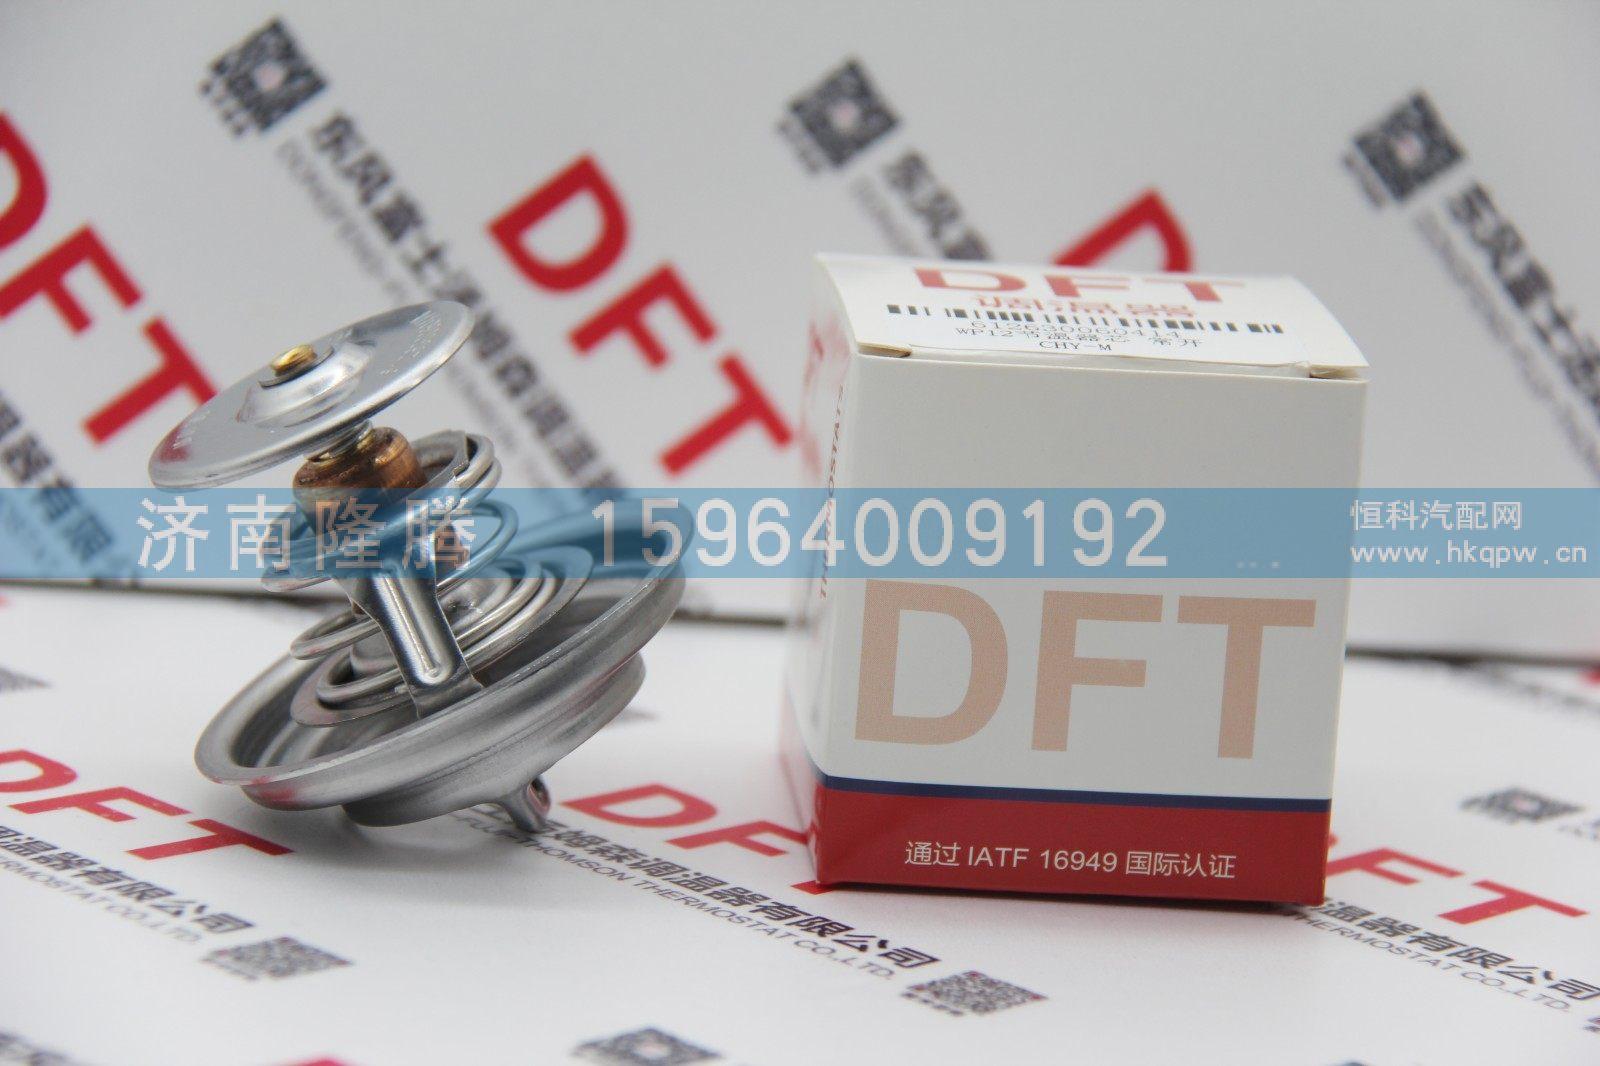 WP12节温器芯 常开 612630060414/612630060414